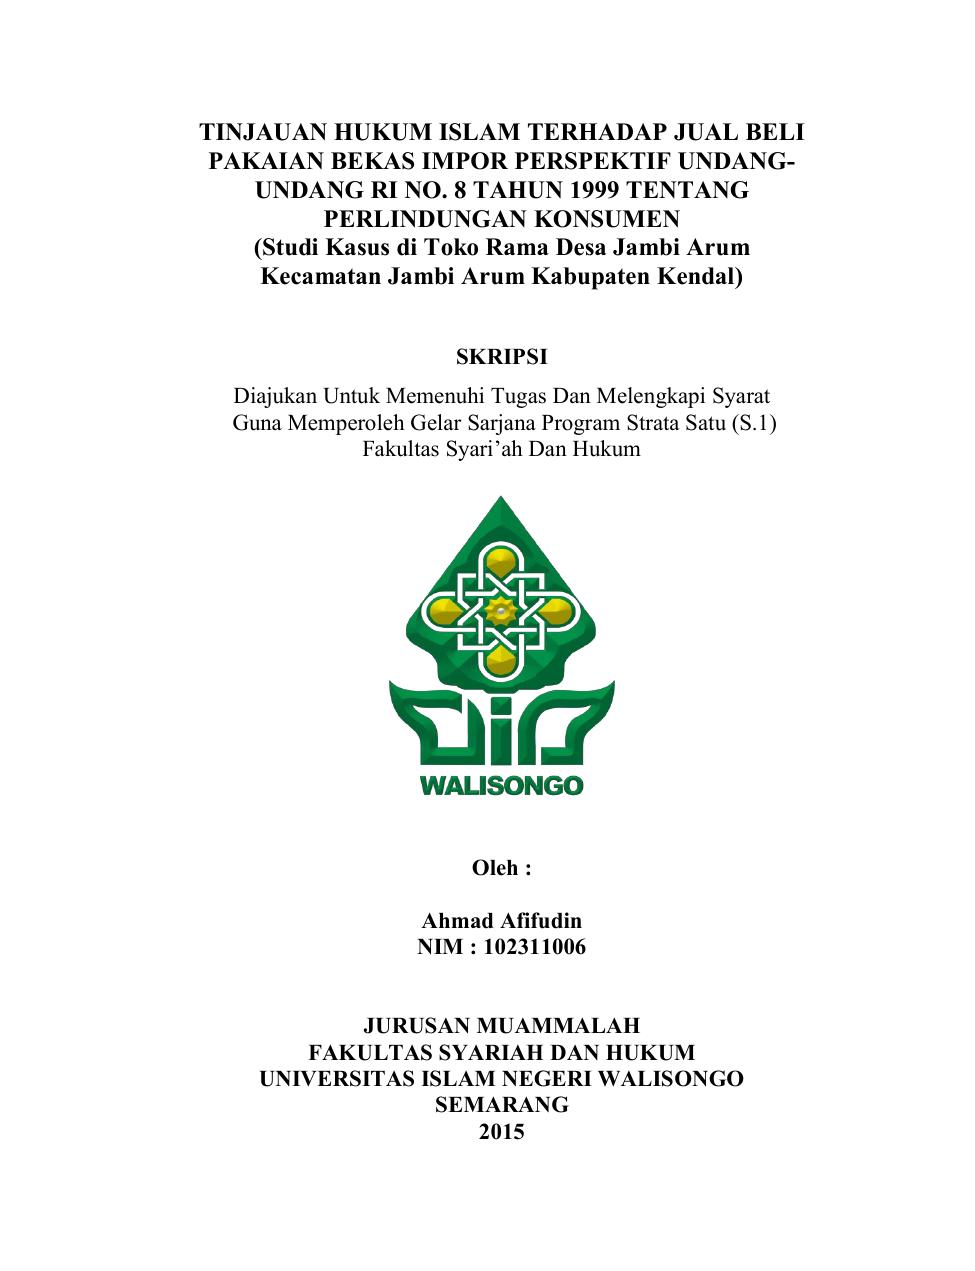 Tinjauan Hukum Islam Terhadap Jual Beli Pakaian Bekas Impor